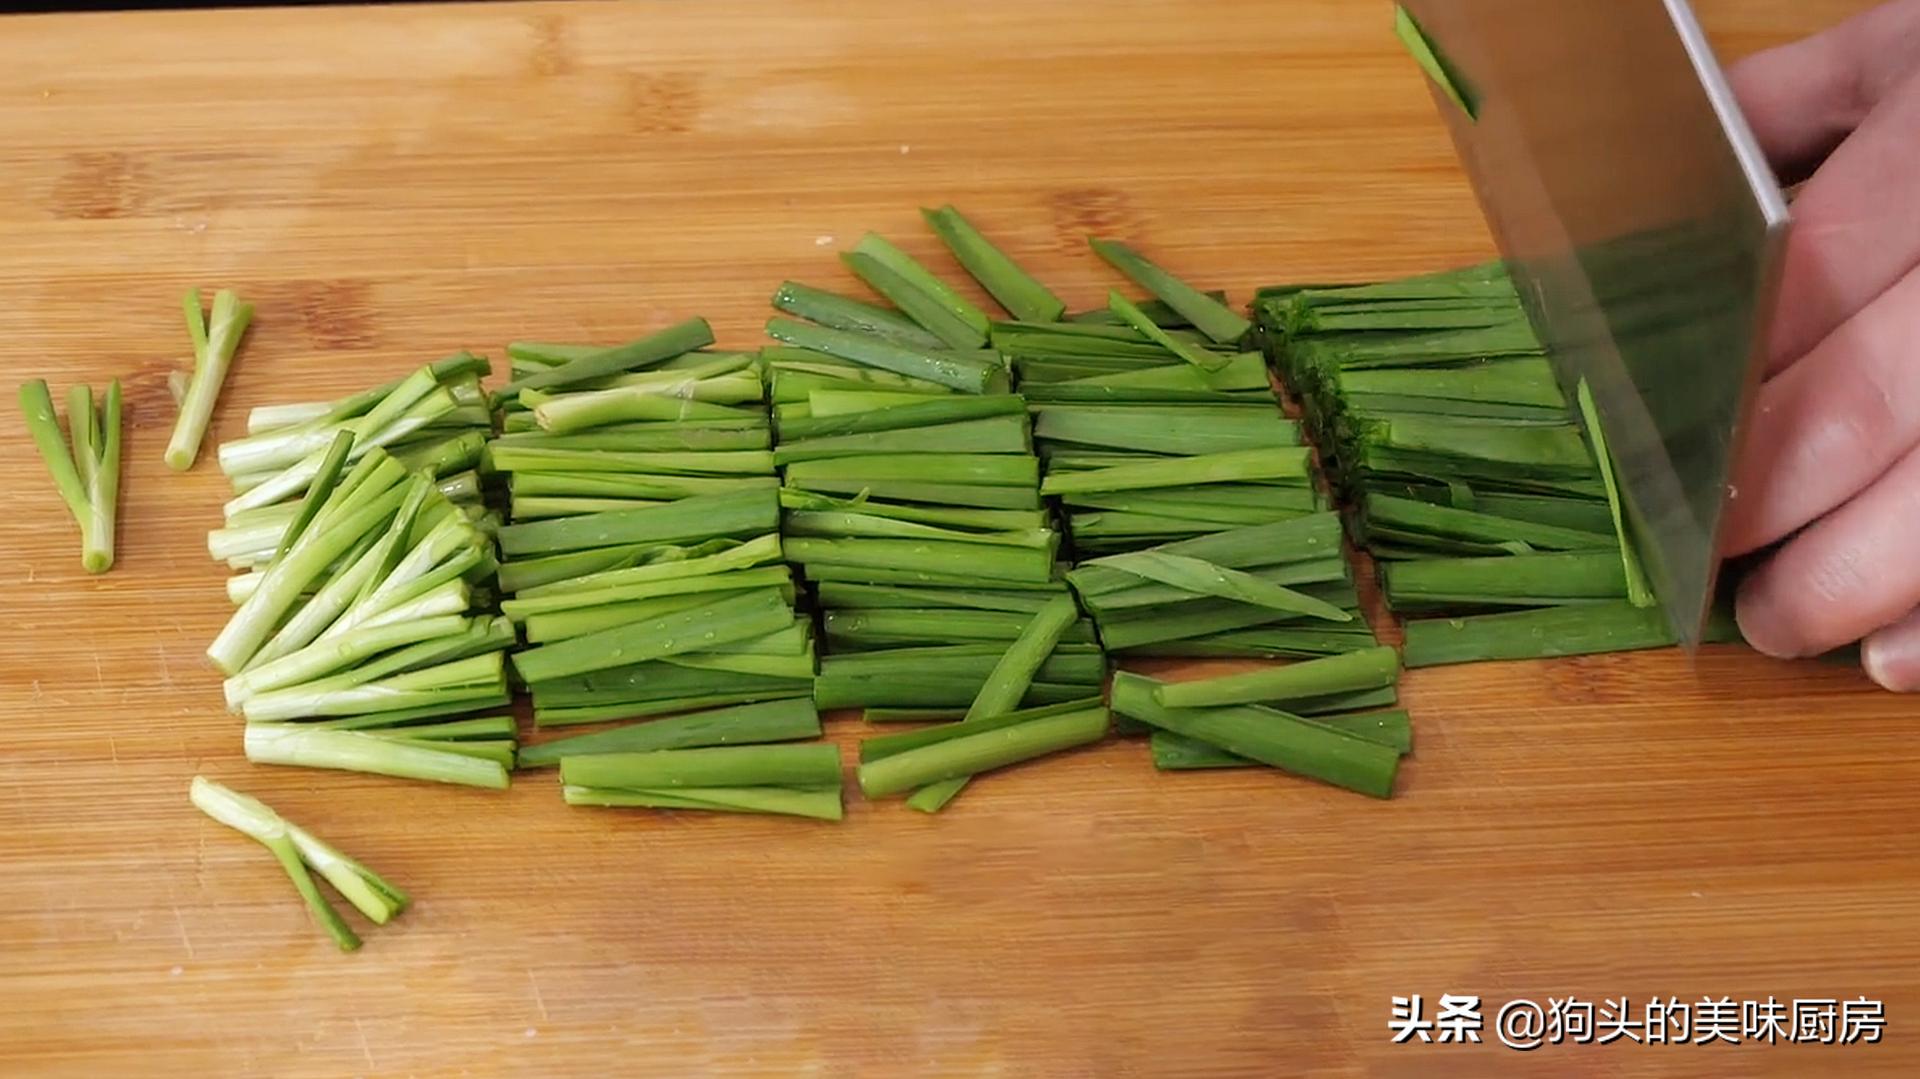 豆腐和它最配,简单易做,味道鲜美,比麻婆豆腐好吃,上桌就光盘 美食做法 第5张